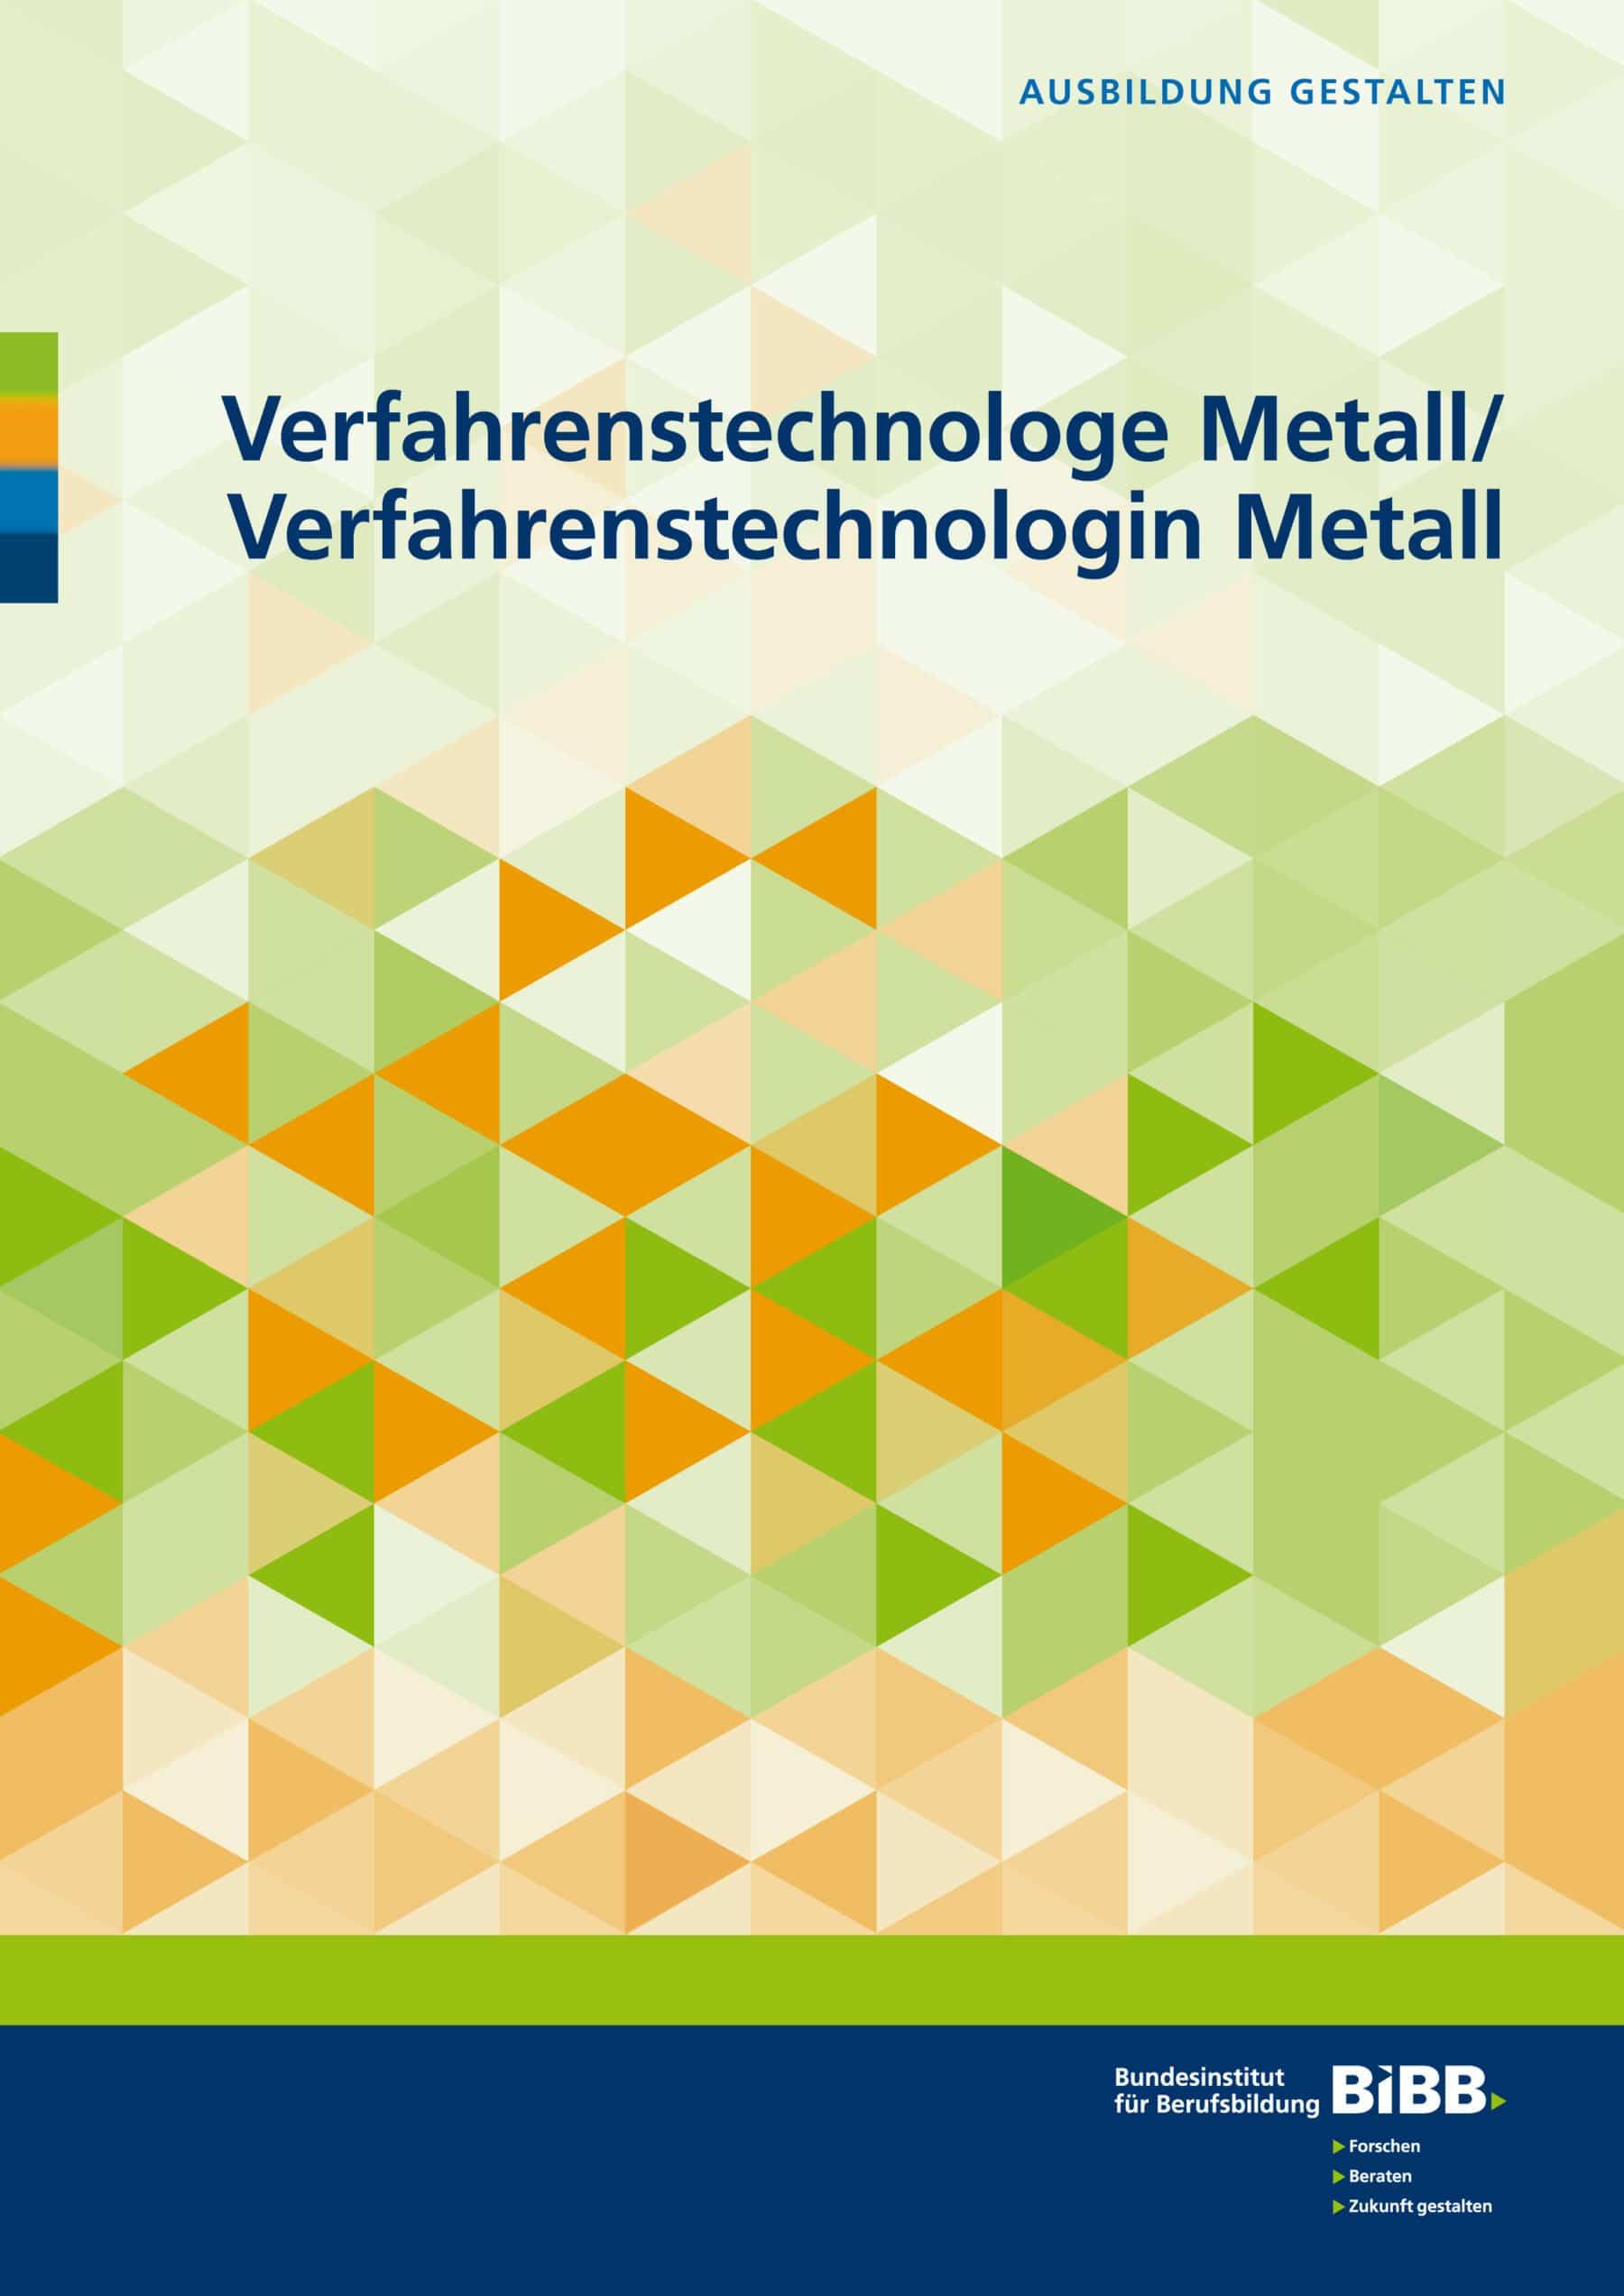 Verfahrenstechnologe Metall und Verfahrenstechnologin Metall